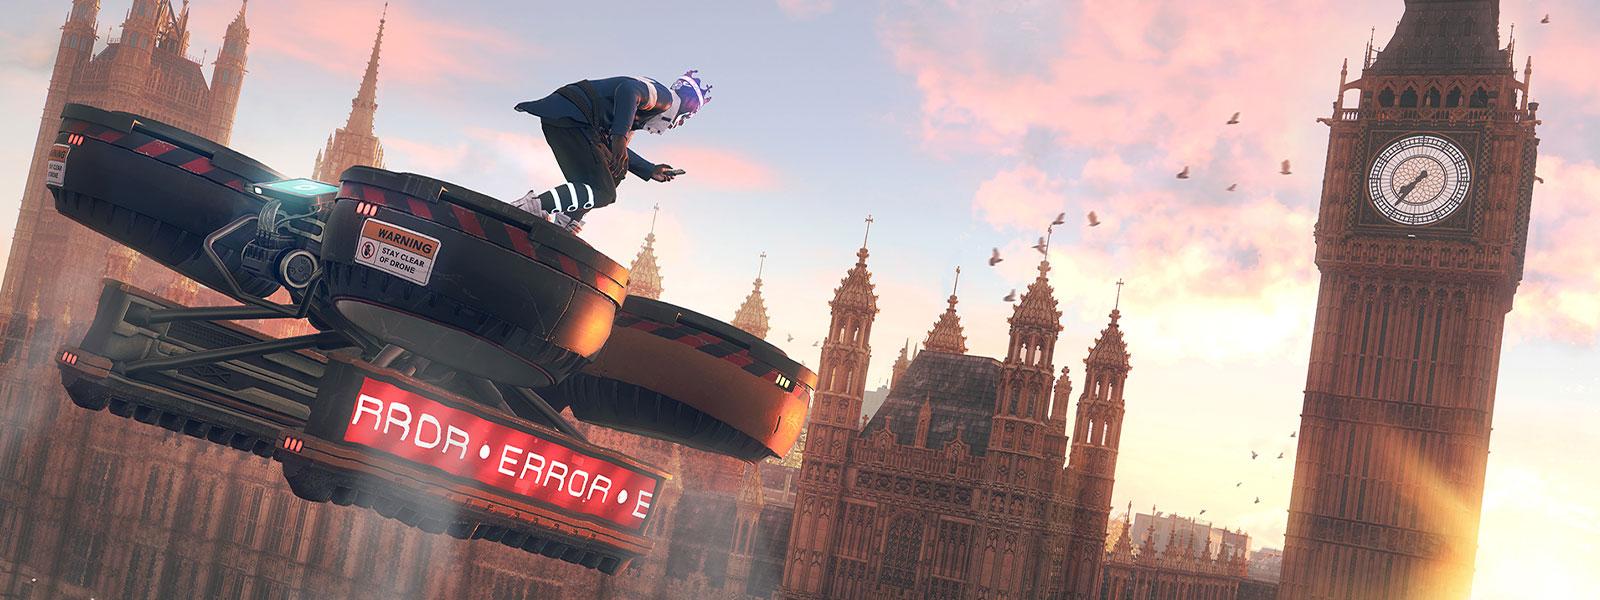 Personagem em um drone grande voando em direção ao Big Ben